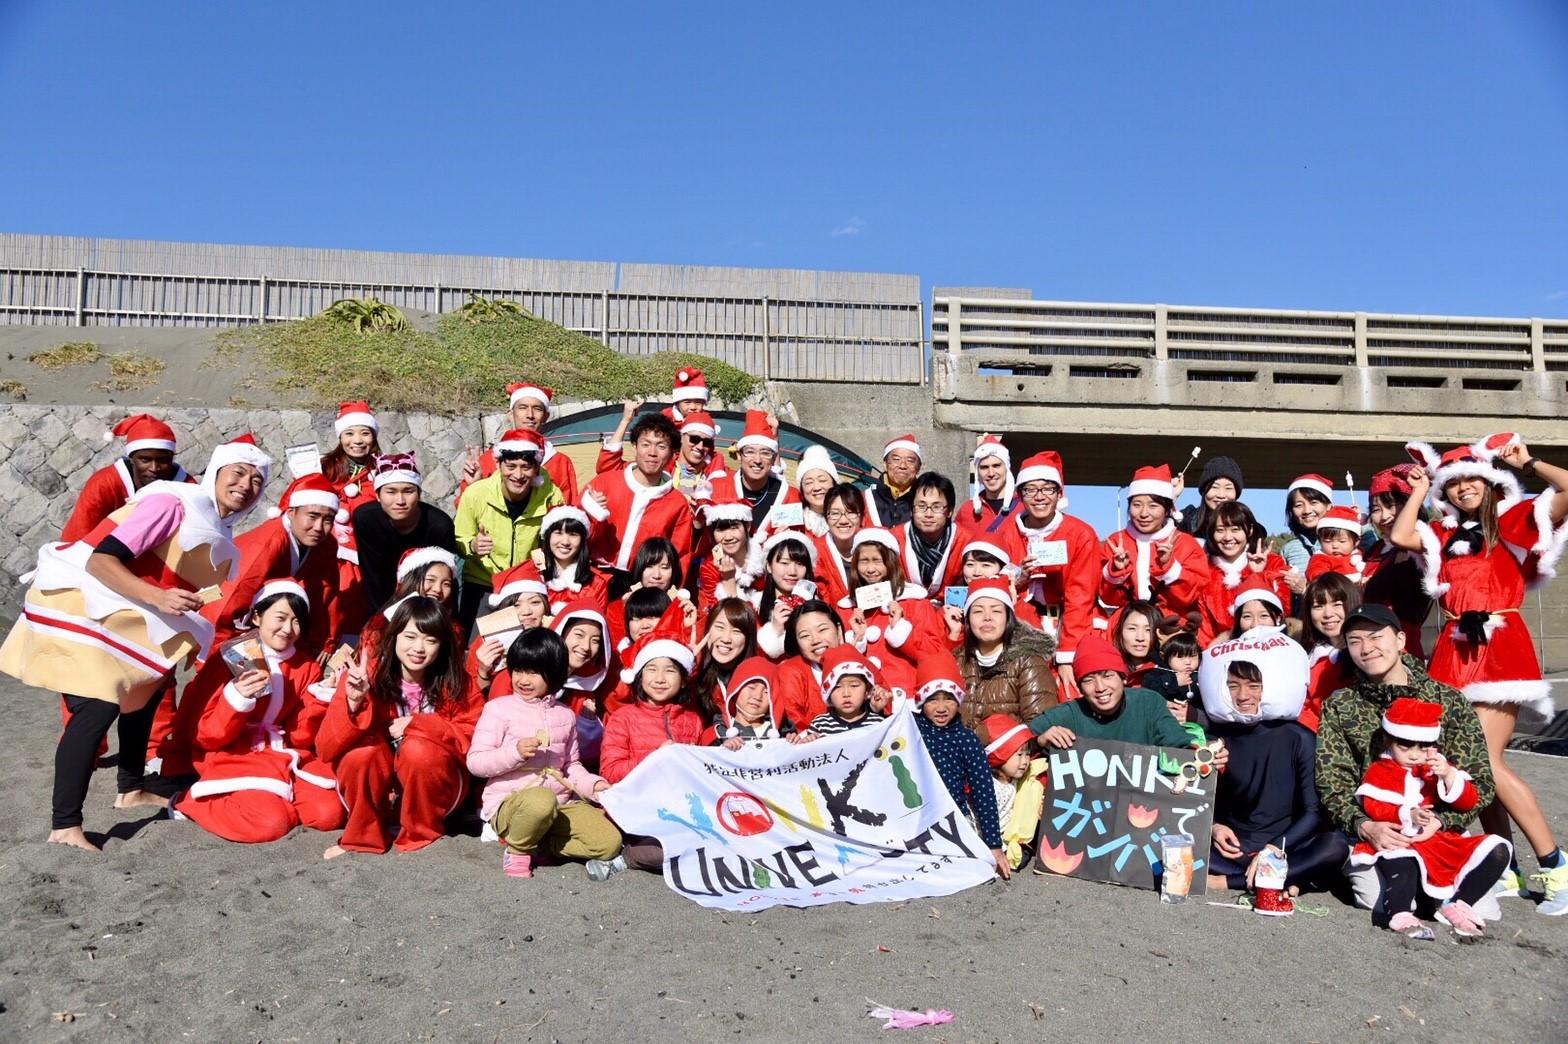 写真で振り返る「サンタ運動会」